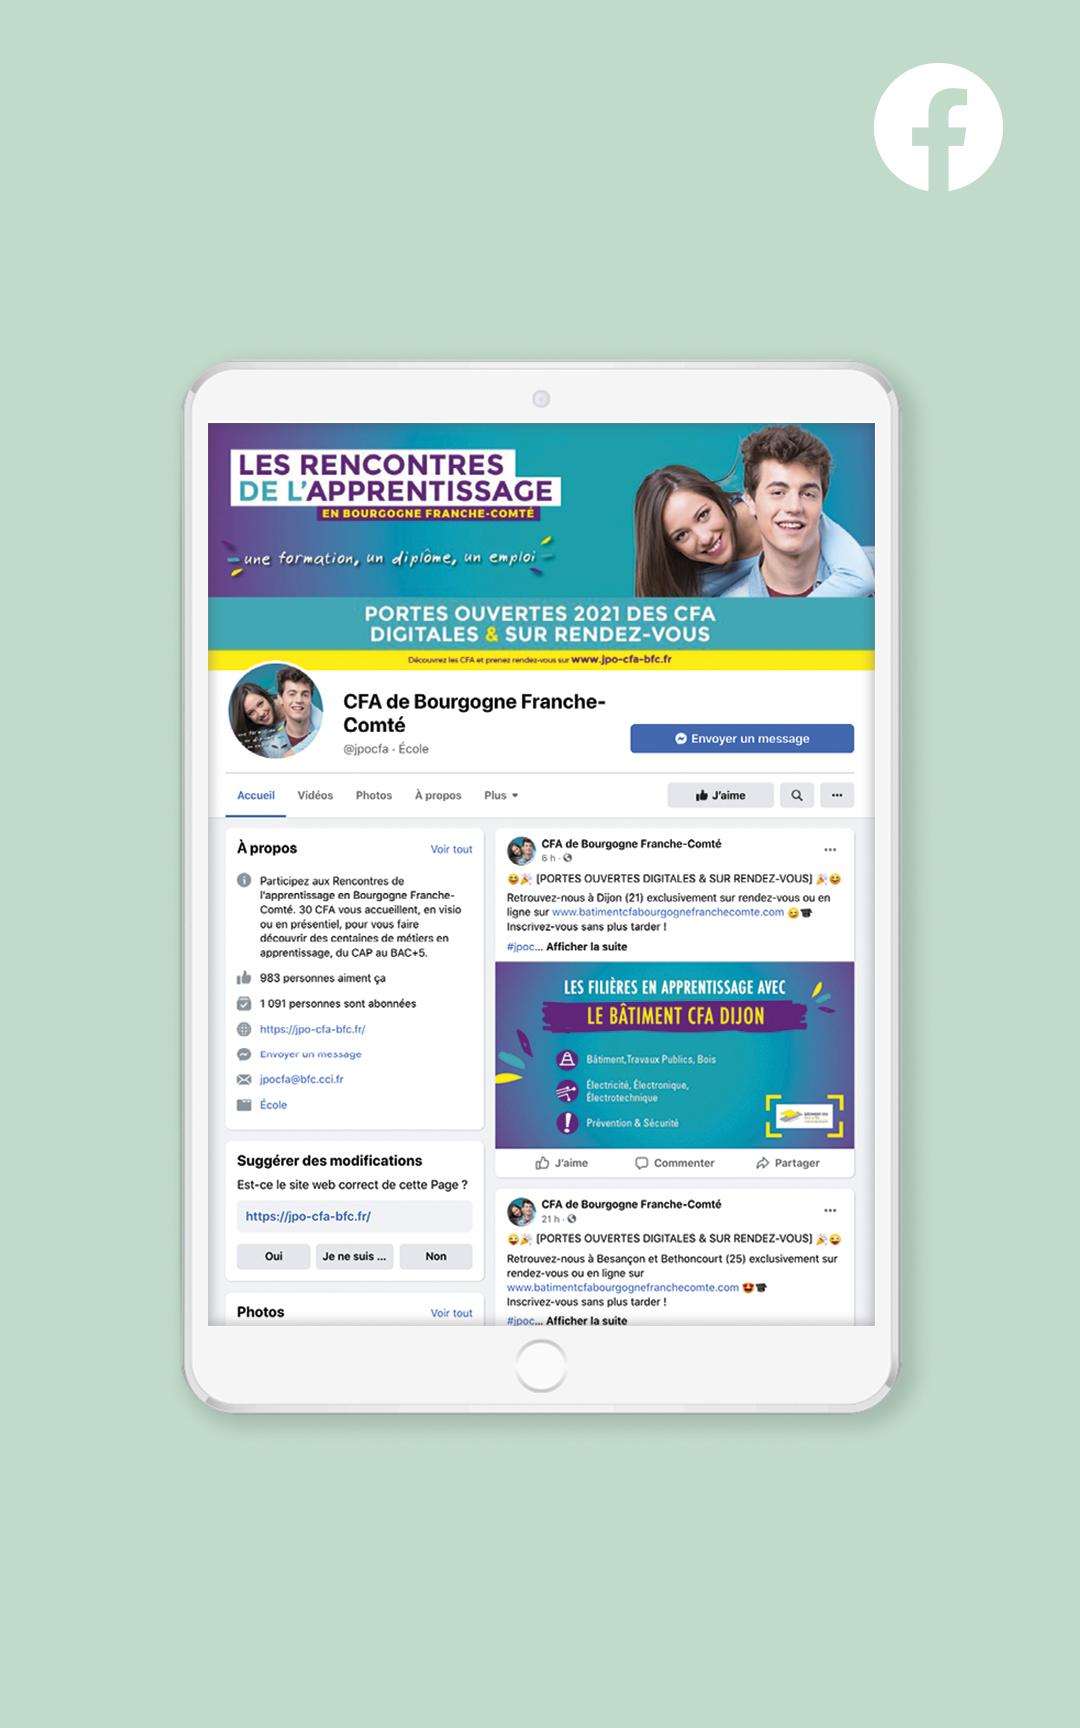 Création d'un compte Facebook pour les rencontres de l'apprentissage en BFC